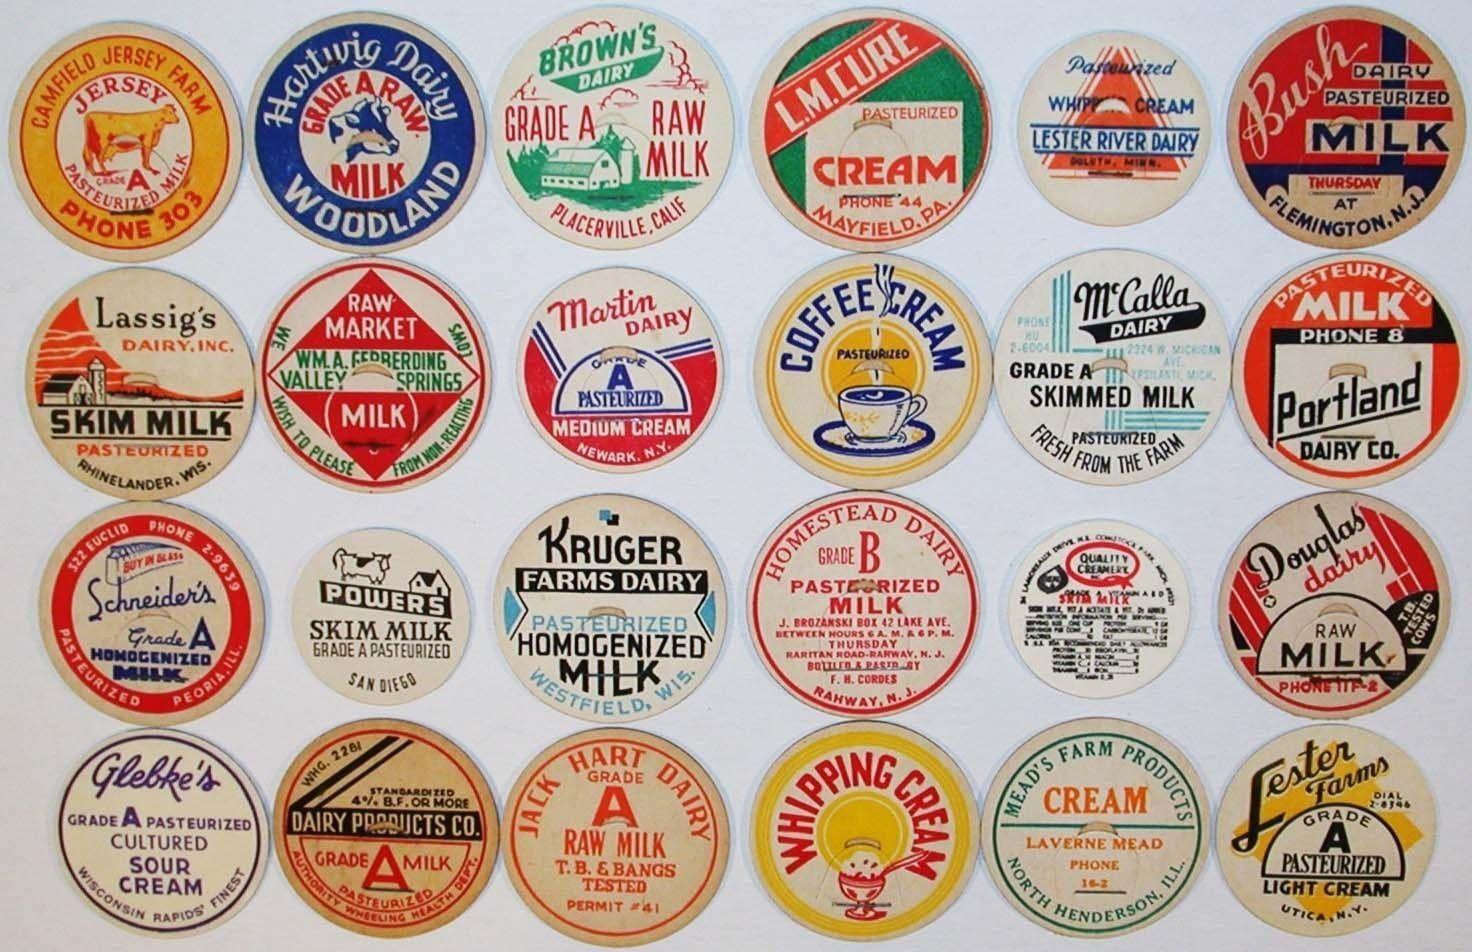 Details about Vintage milk bottle caps LOT OF 7 DIFFERENT large size